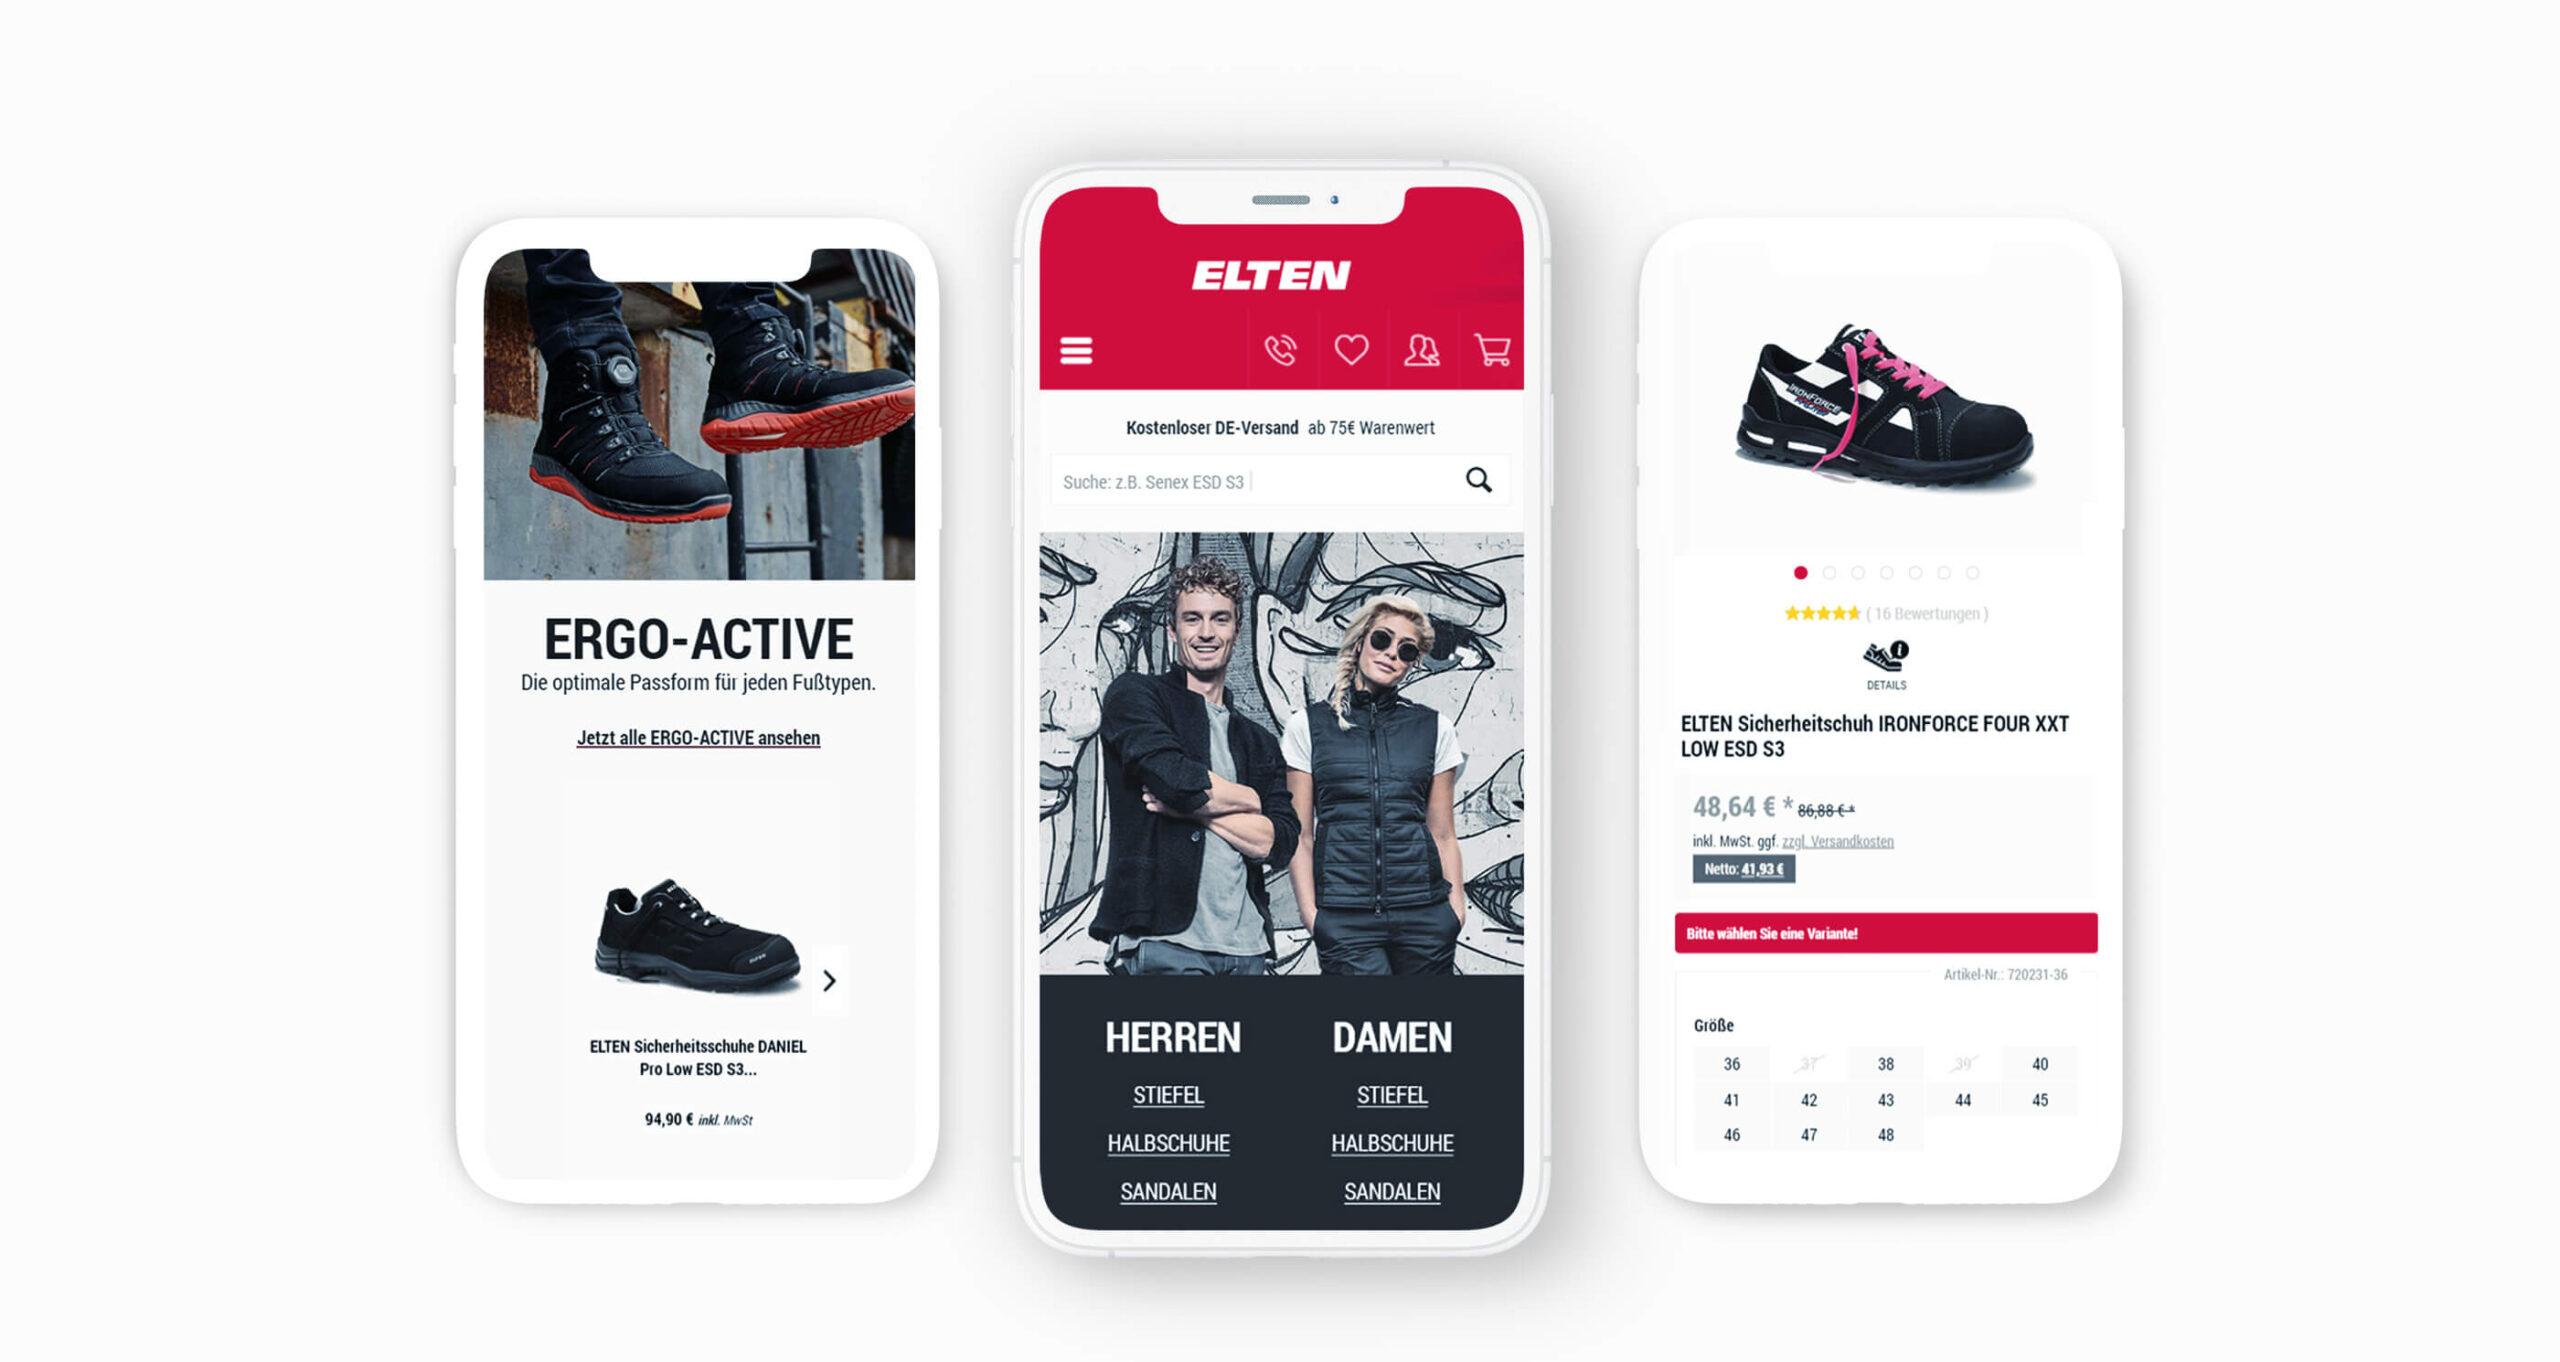 Layout und Logo der E-Commerce-Agentur: BS-Style GmbH. Darstellung der Mobilien Ansicht des Onlineshops Elten.de.